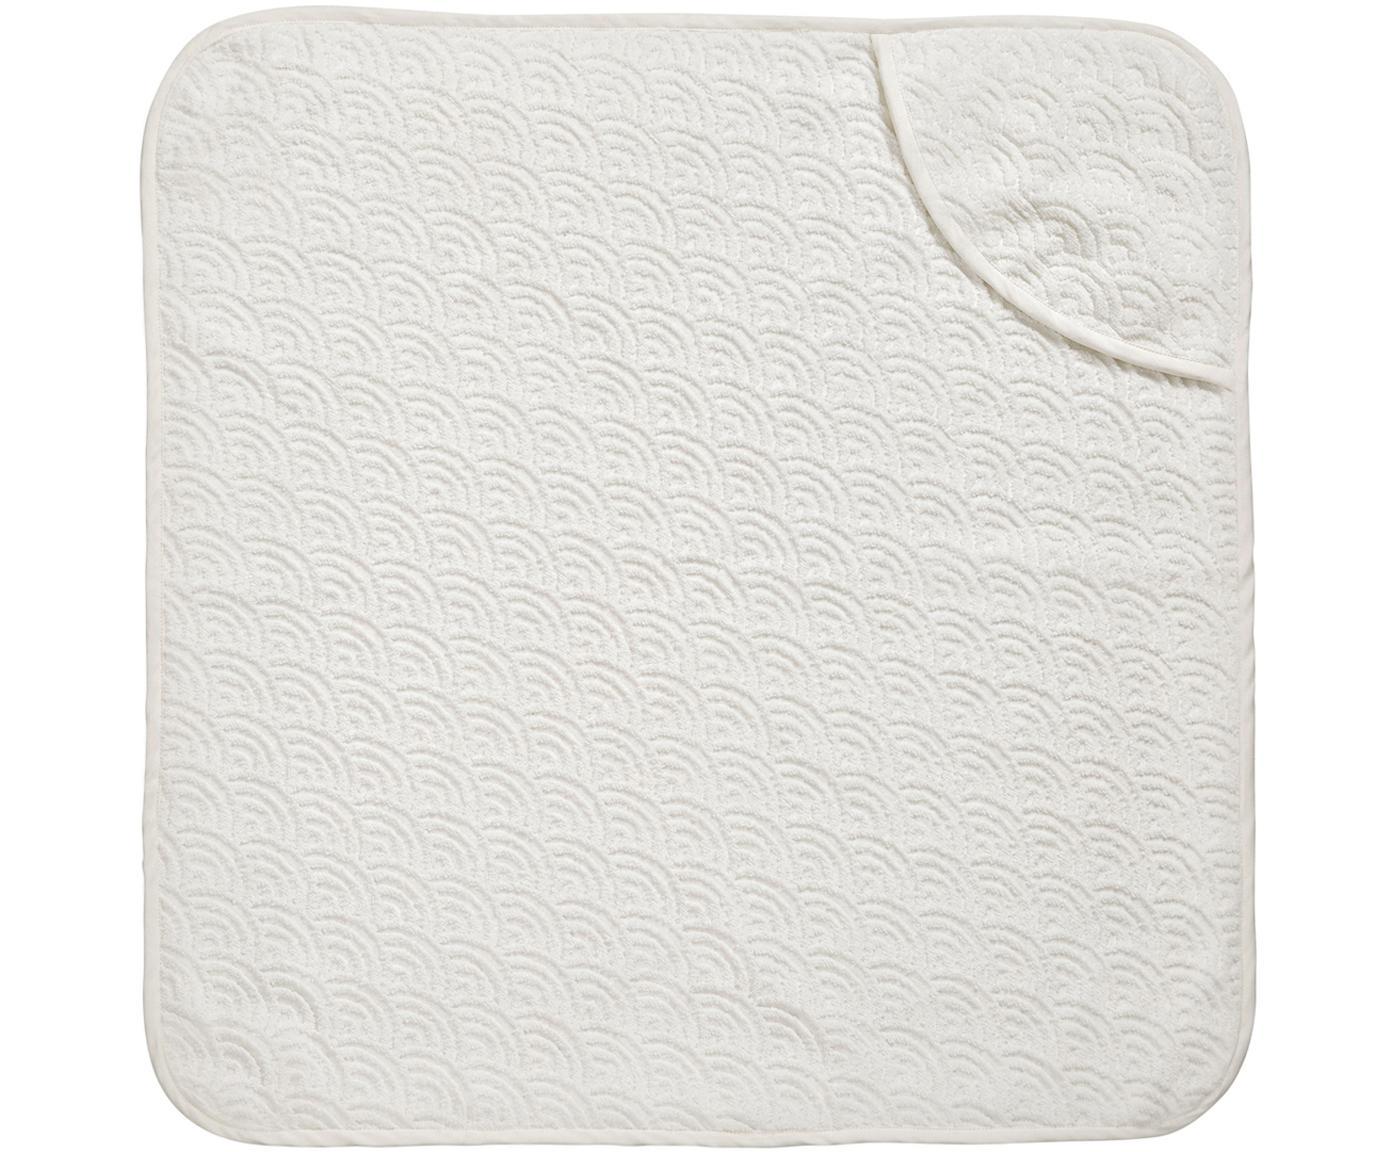 Baby-Badetuch Wave aus Bio-Baumwolle, Bio-Baumwolle, GOTS-zertifiziert, Gebrochenes Weiss, 80 x 80 cm